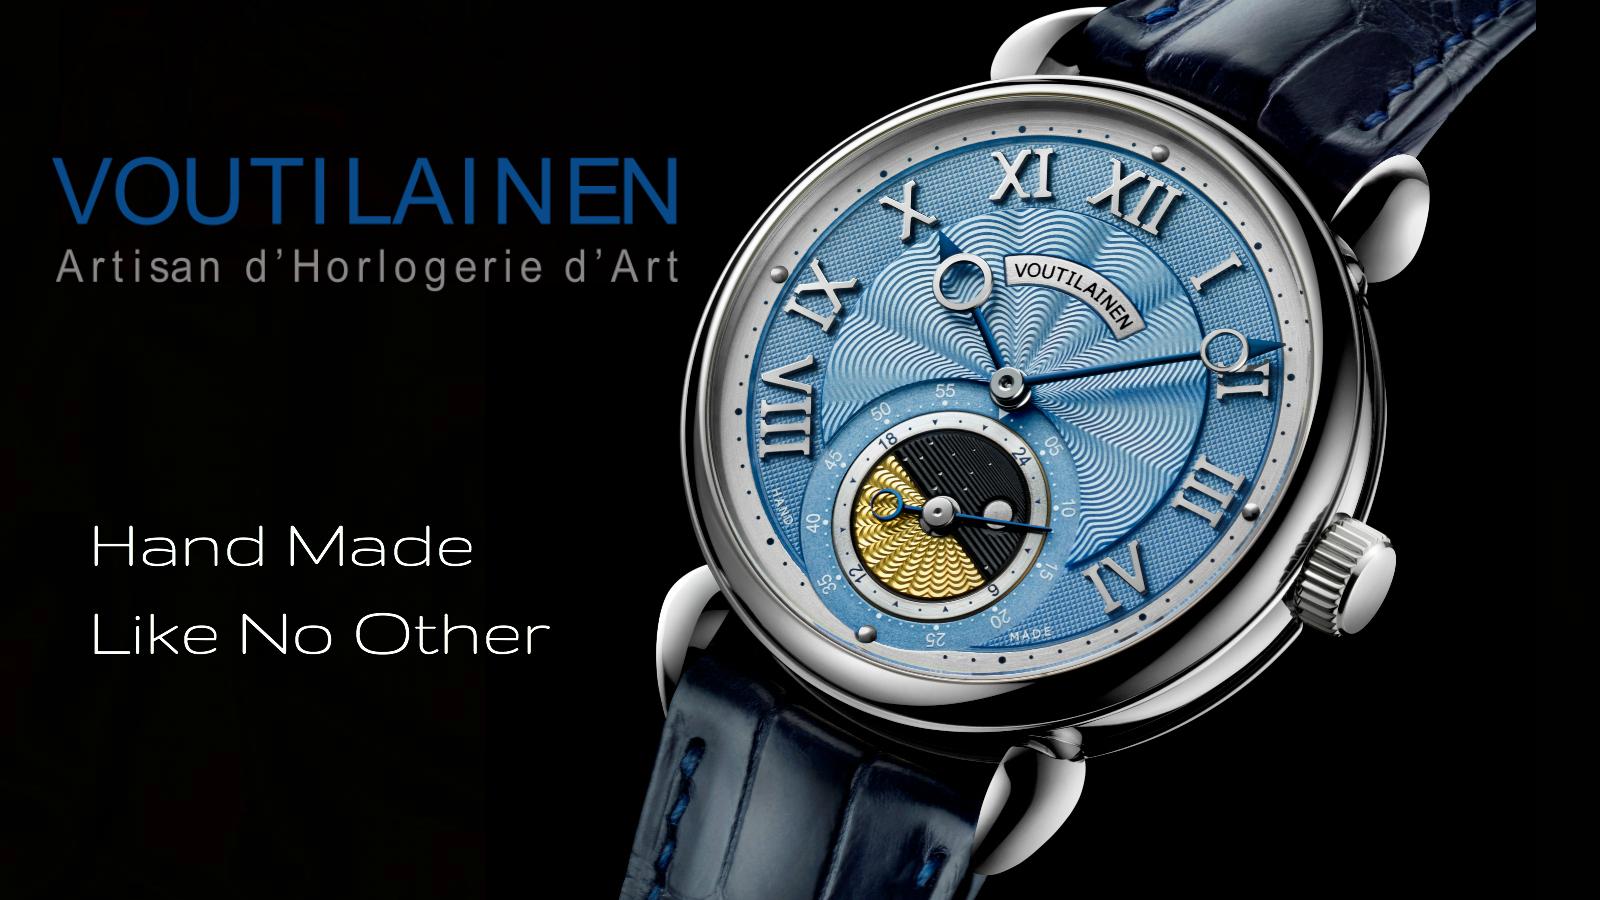 Voutilainen GMT 6 by Kari Voutilainen at Chronolux Fine Watches